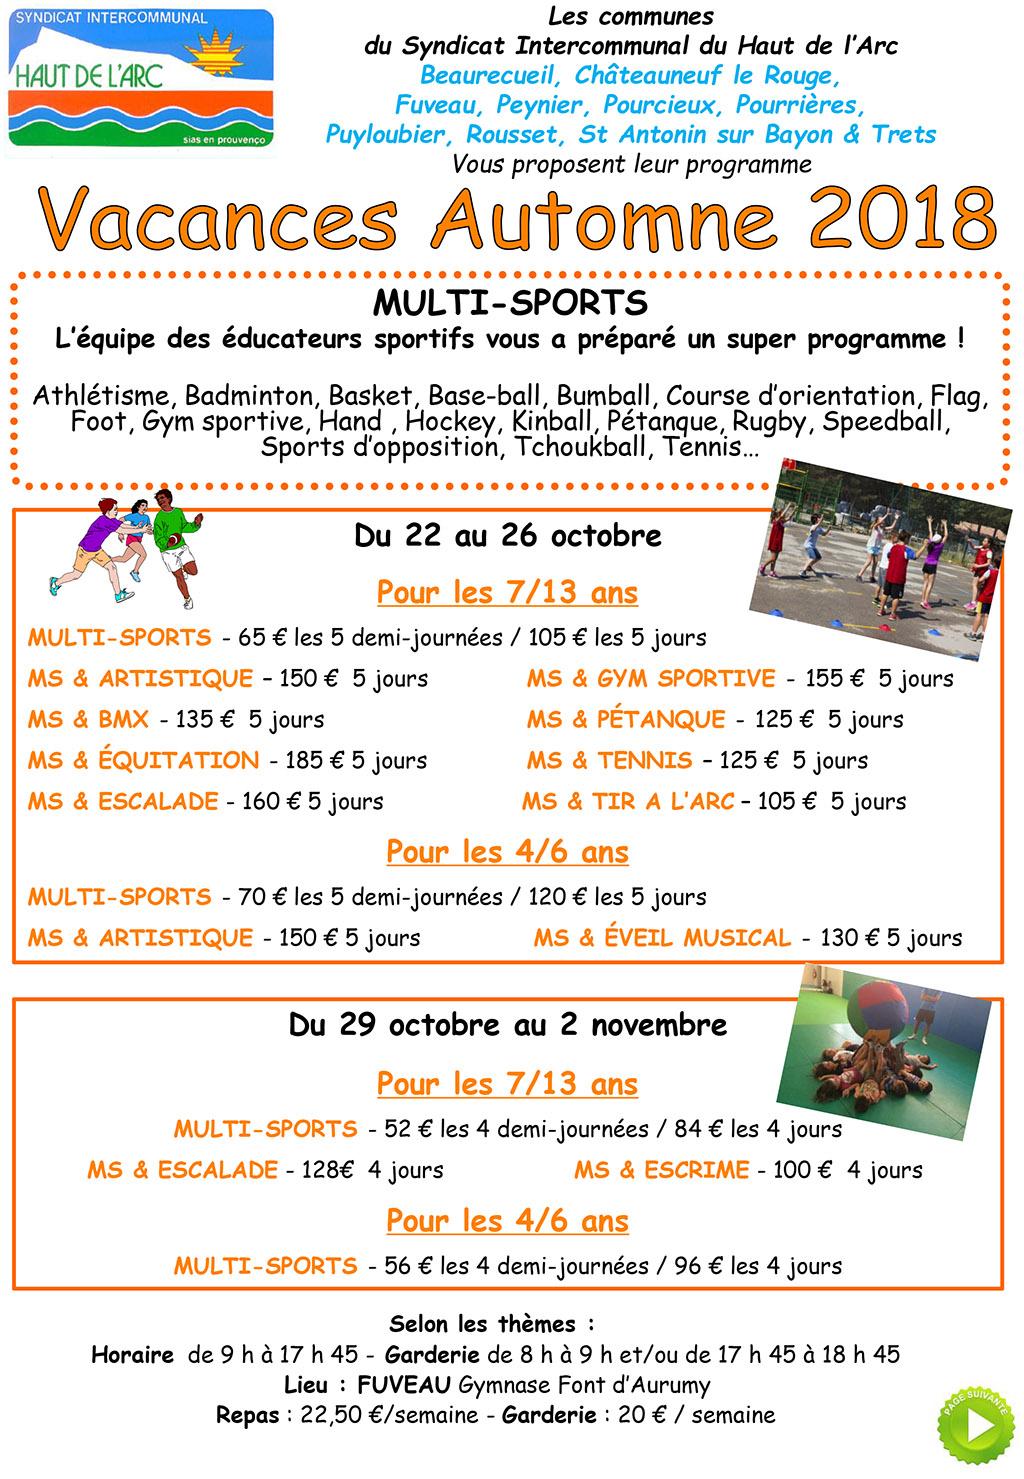 vacances automne 2018 SIHVA : Programme vacances automne 2018